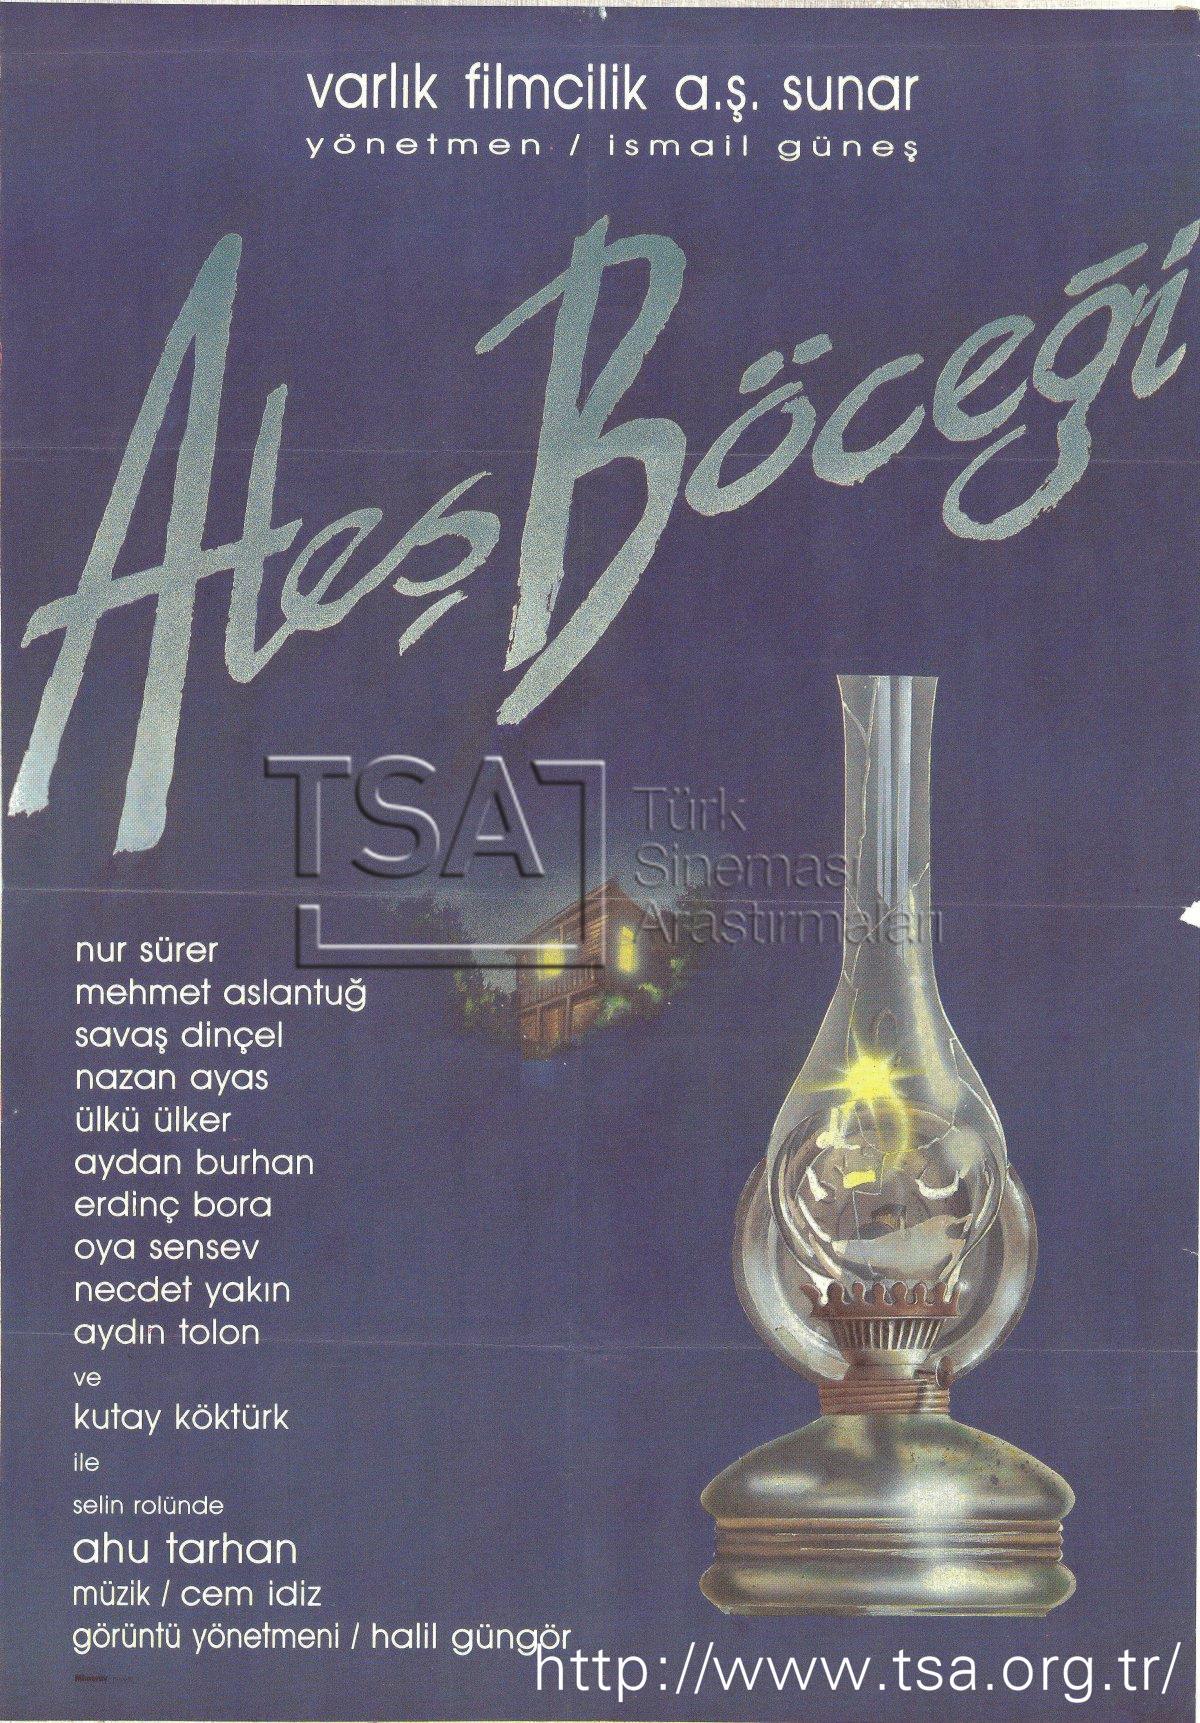 Atesböcegi ((1988))